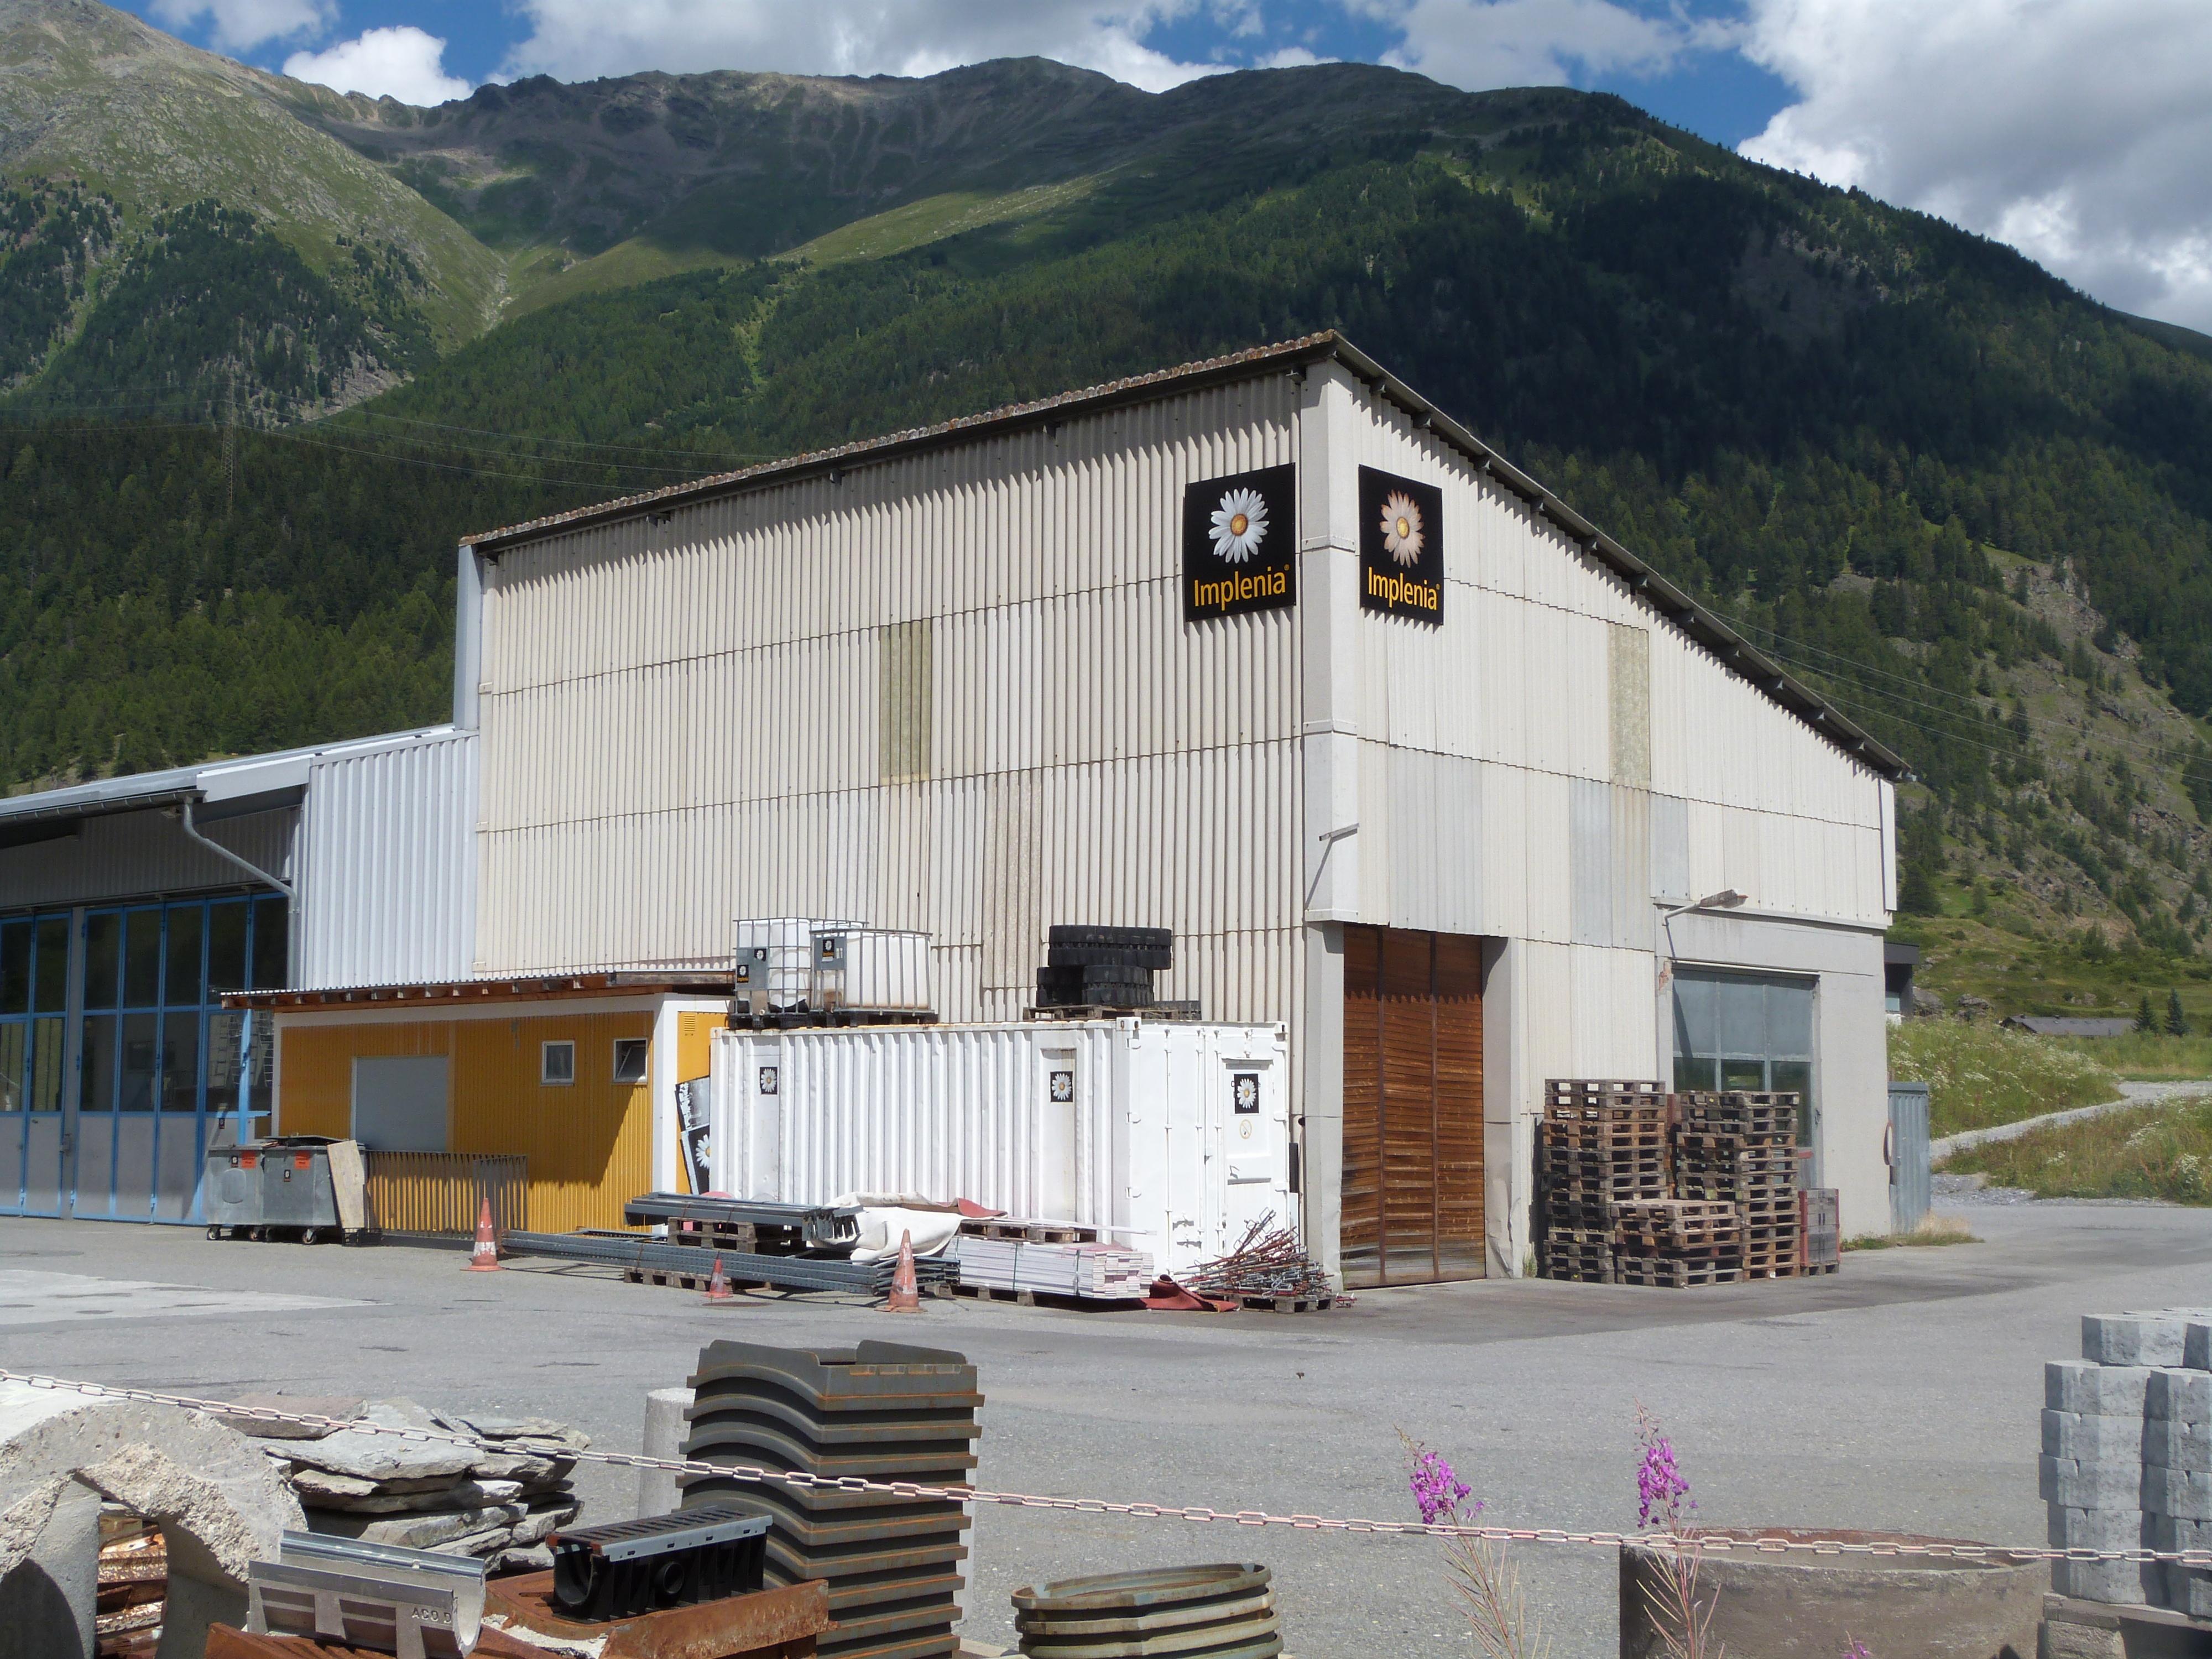 Implenia Schweiz AG Slide 1